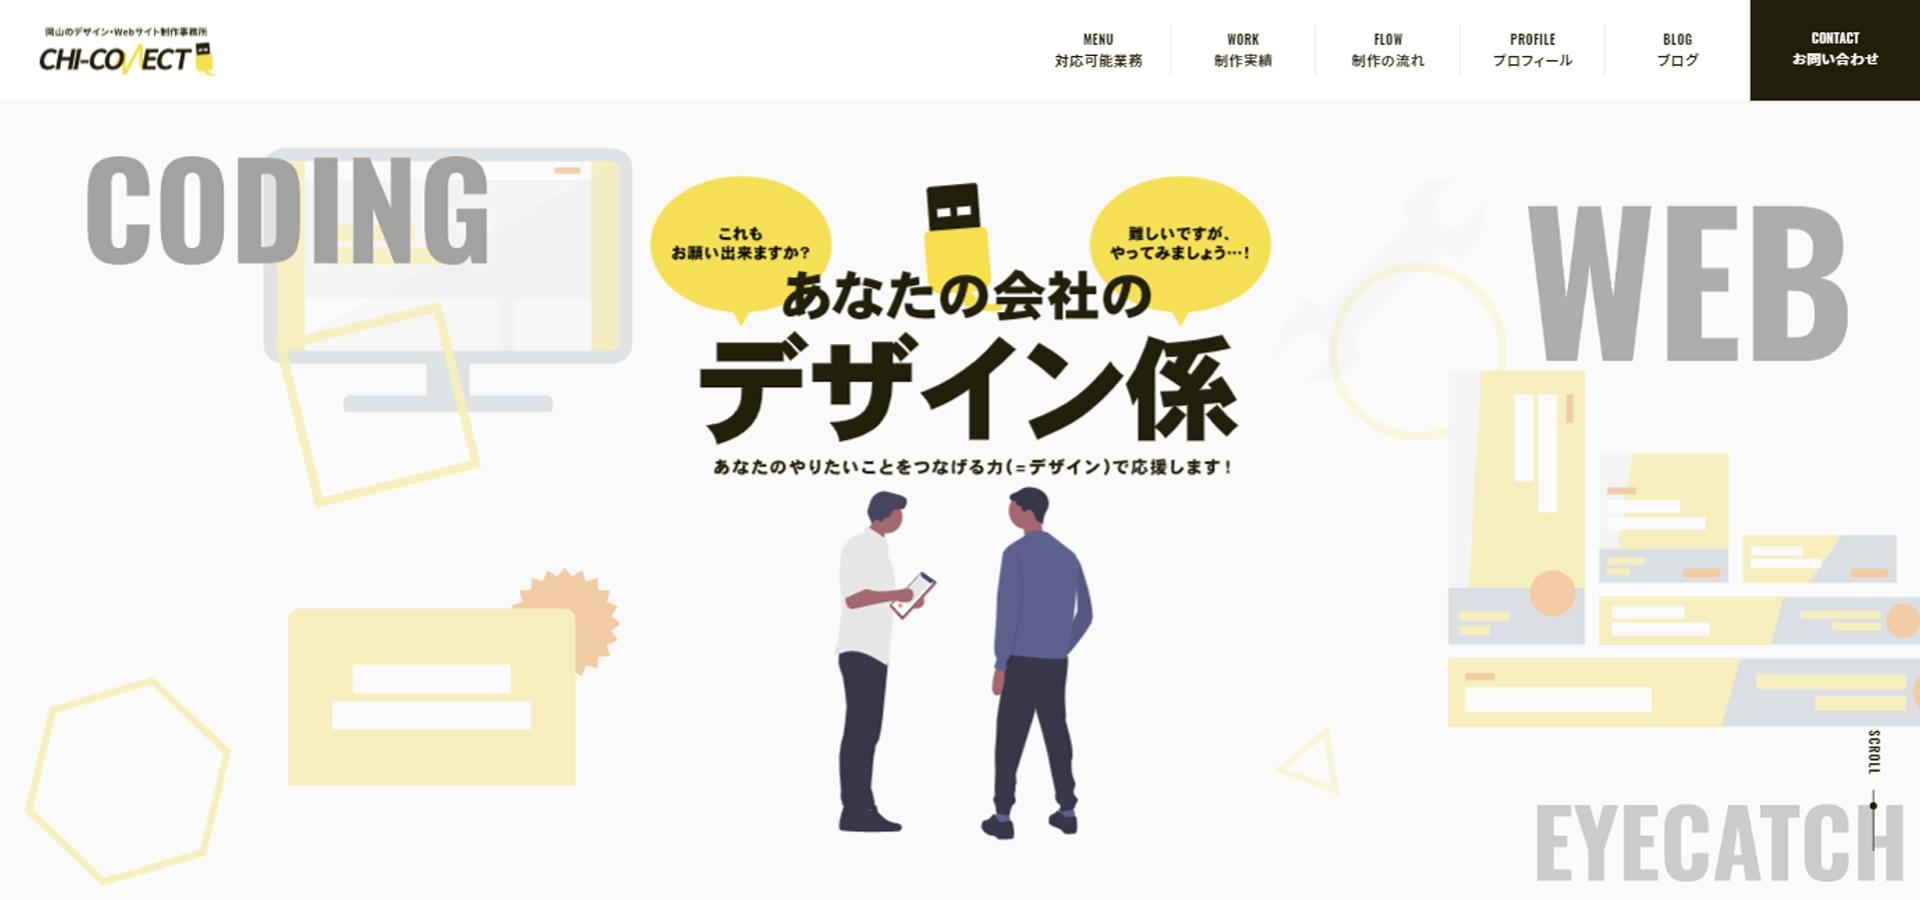 ホームページ制作会社 CHI-CONNECT